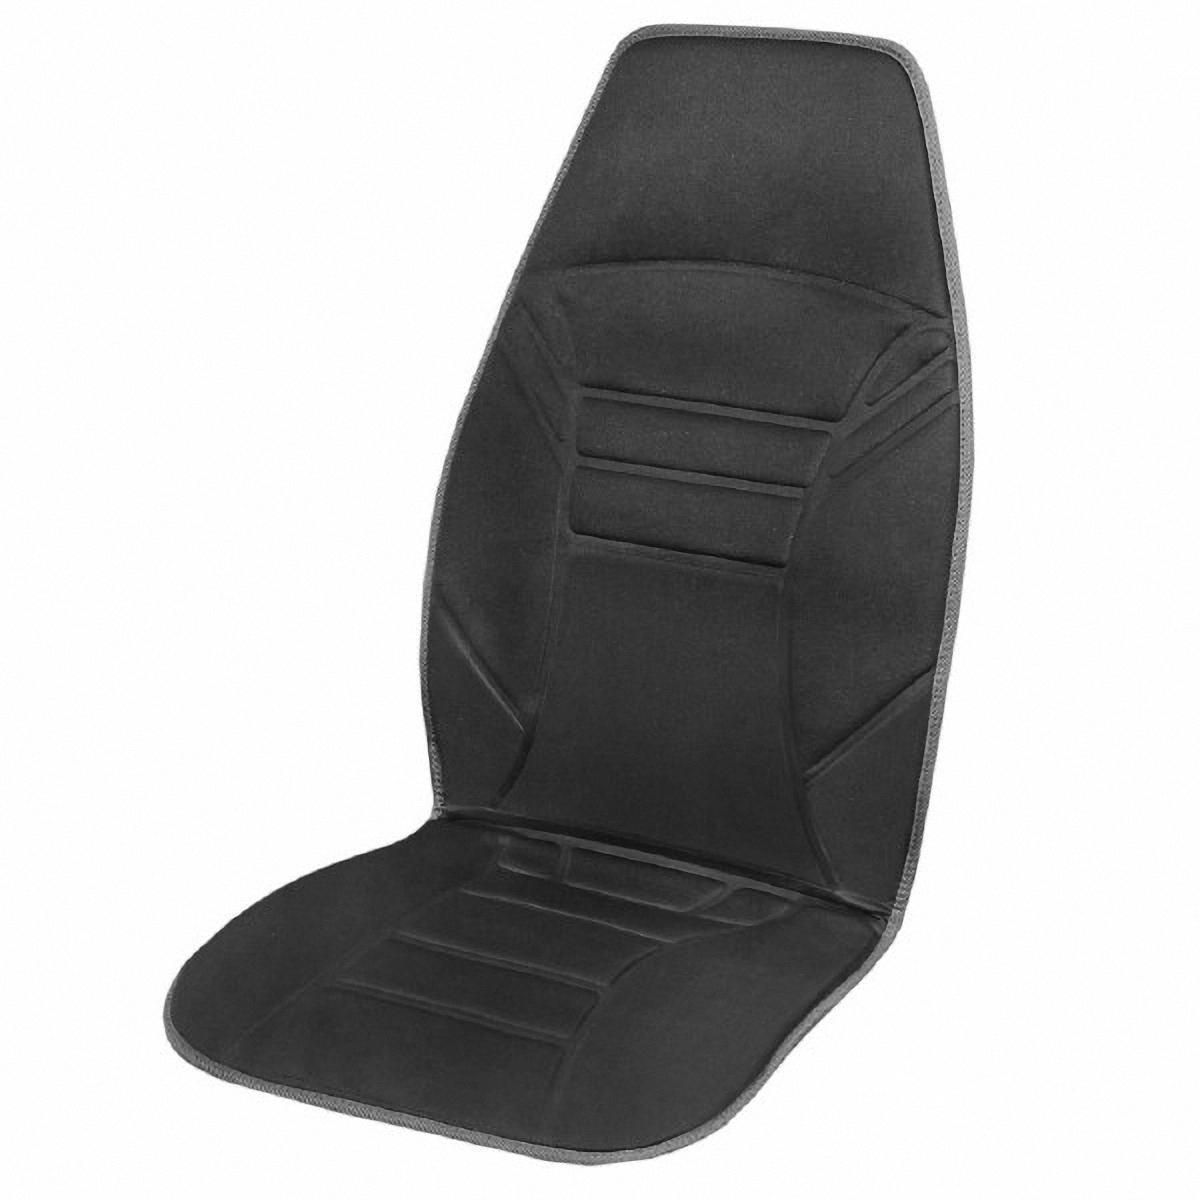 Подогрев для сиденья Skyway 12V, со спинкой, с терморегулятором, 2 режима, 2,5А-3А, цвет: черный, 118 х 53 смS02201020